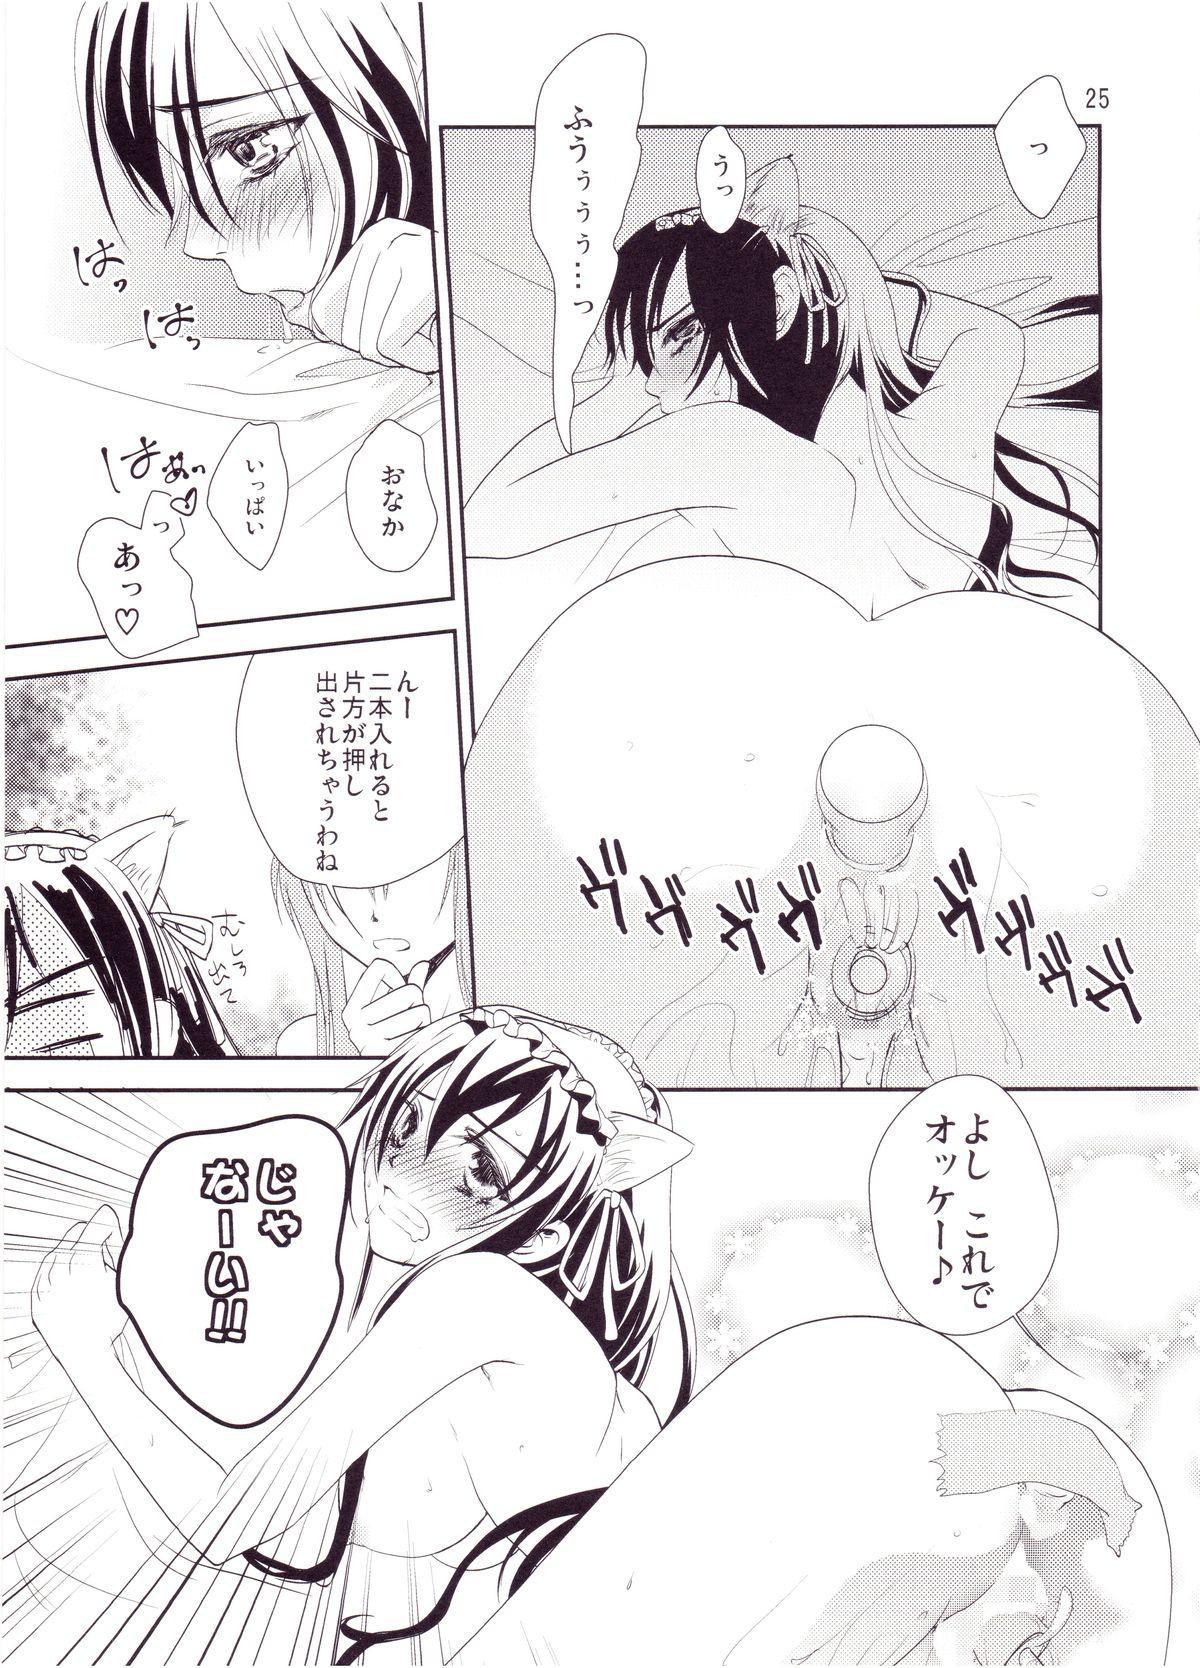 Kirito-kun no Shiroku Betatsuku nani ka 23